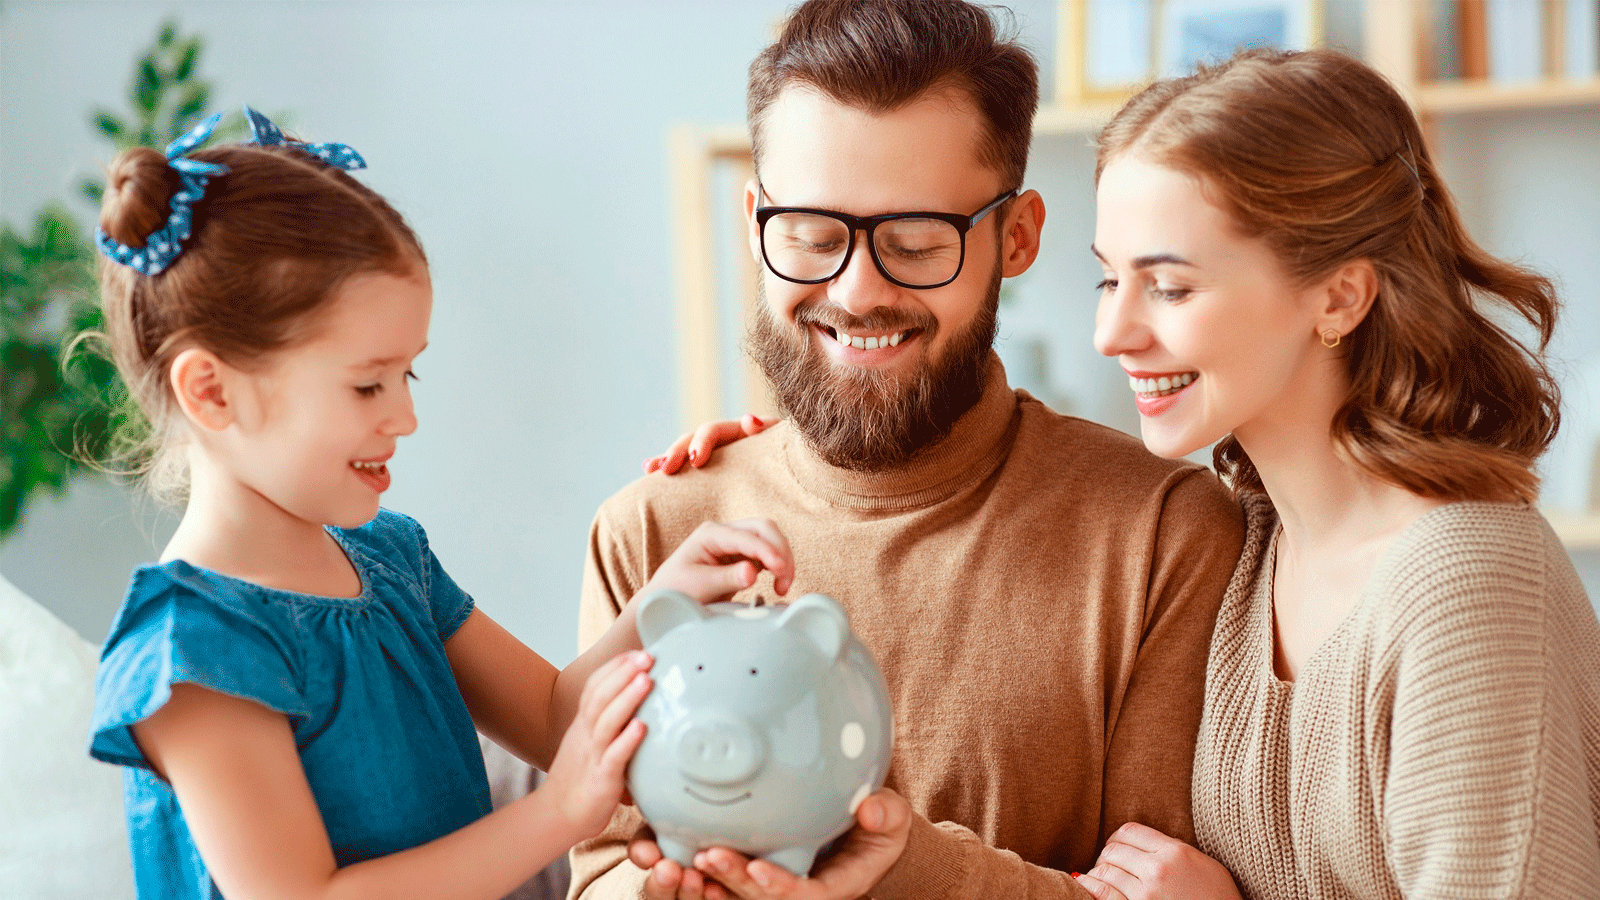 Ahorrar para una casa trucos que podrian ayudarle en tiempos dificiles